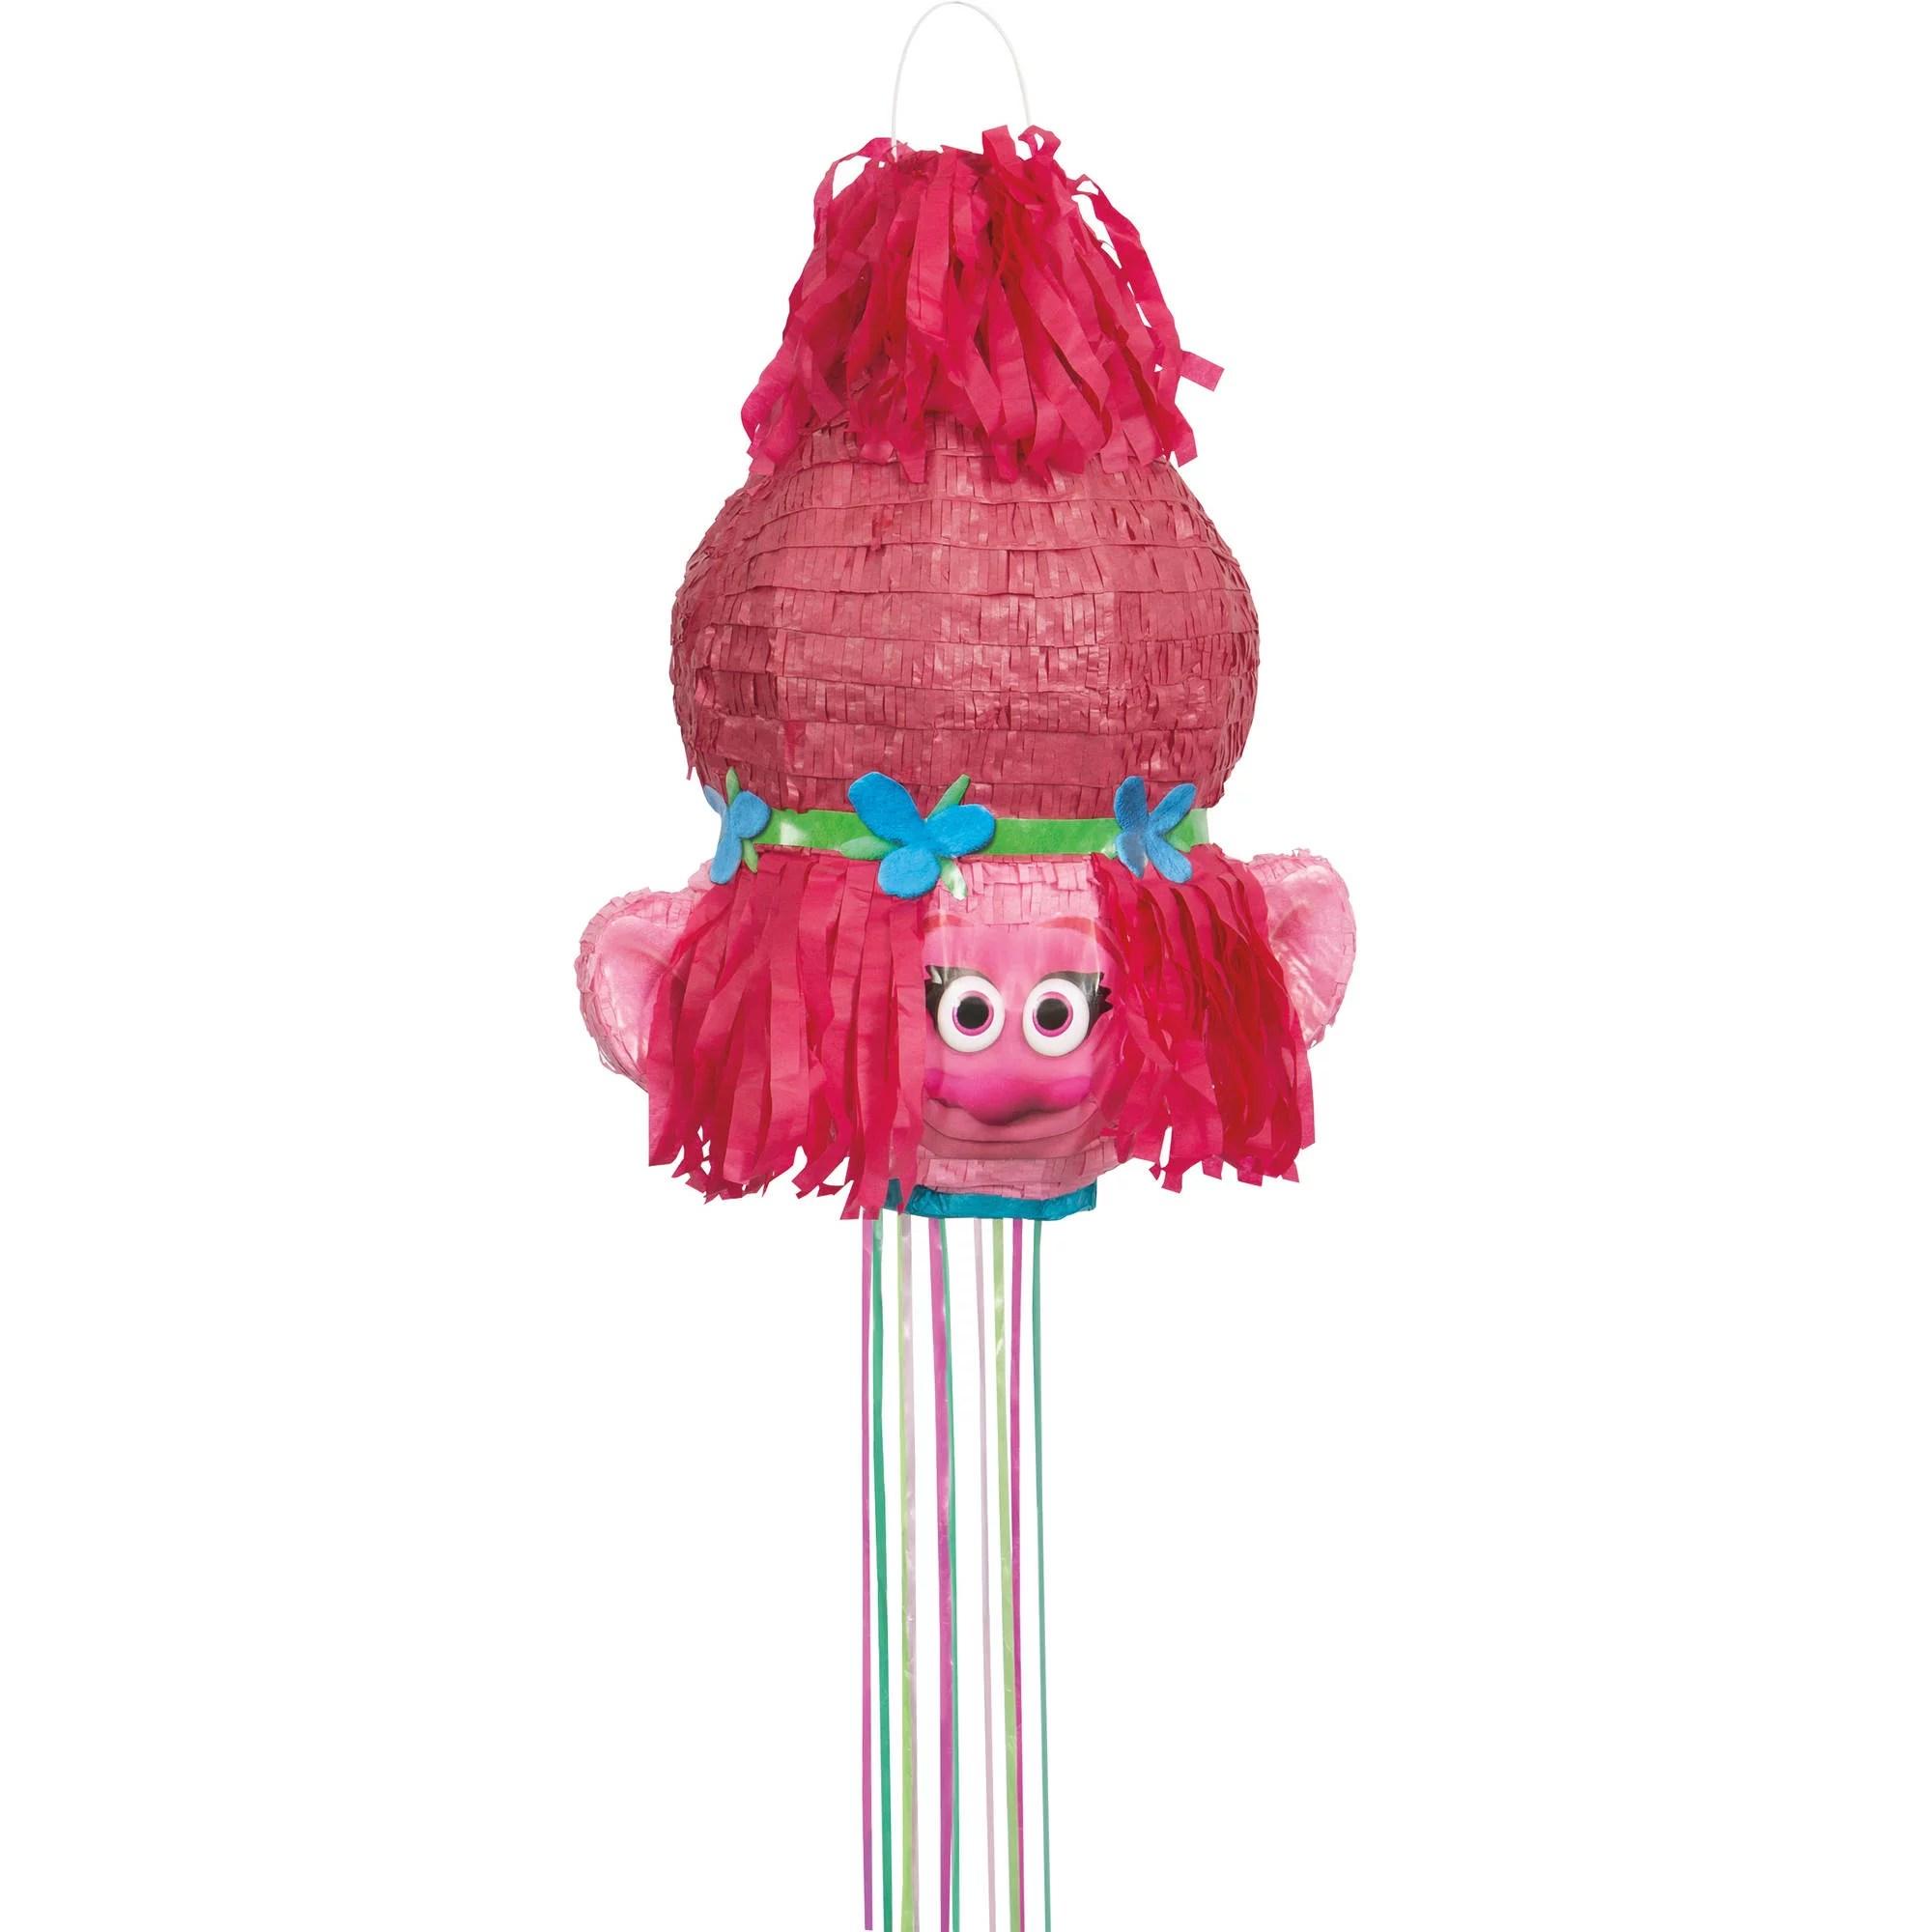 poppy trolls pinata pull string 18 5 x 14 5 in 1ct walmart com